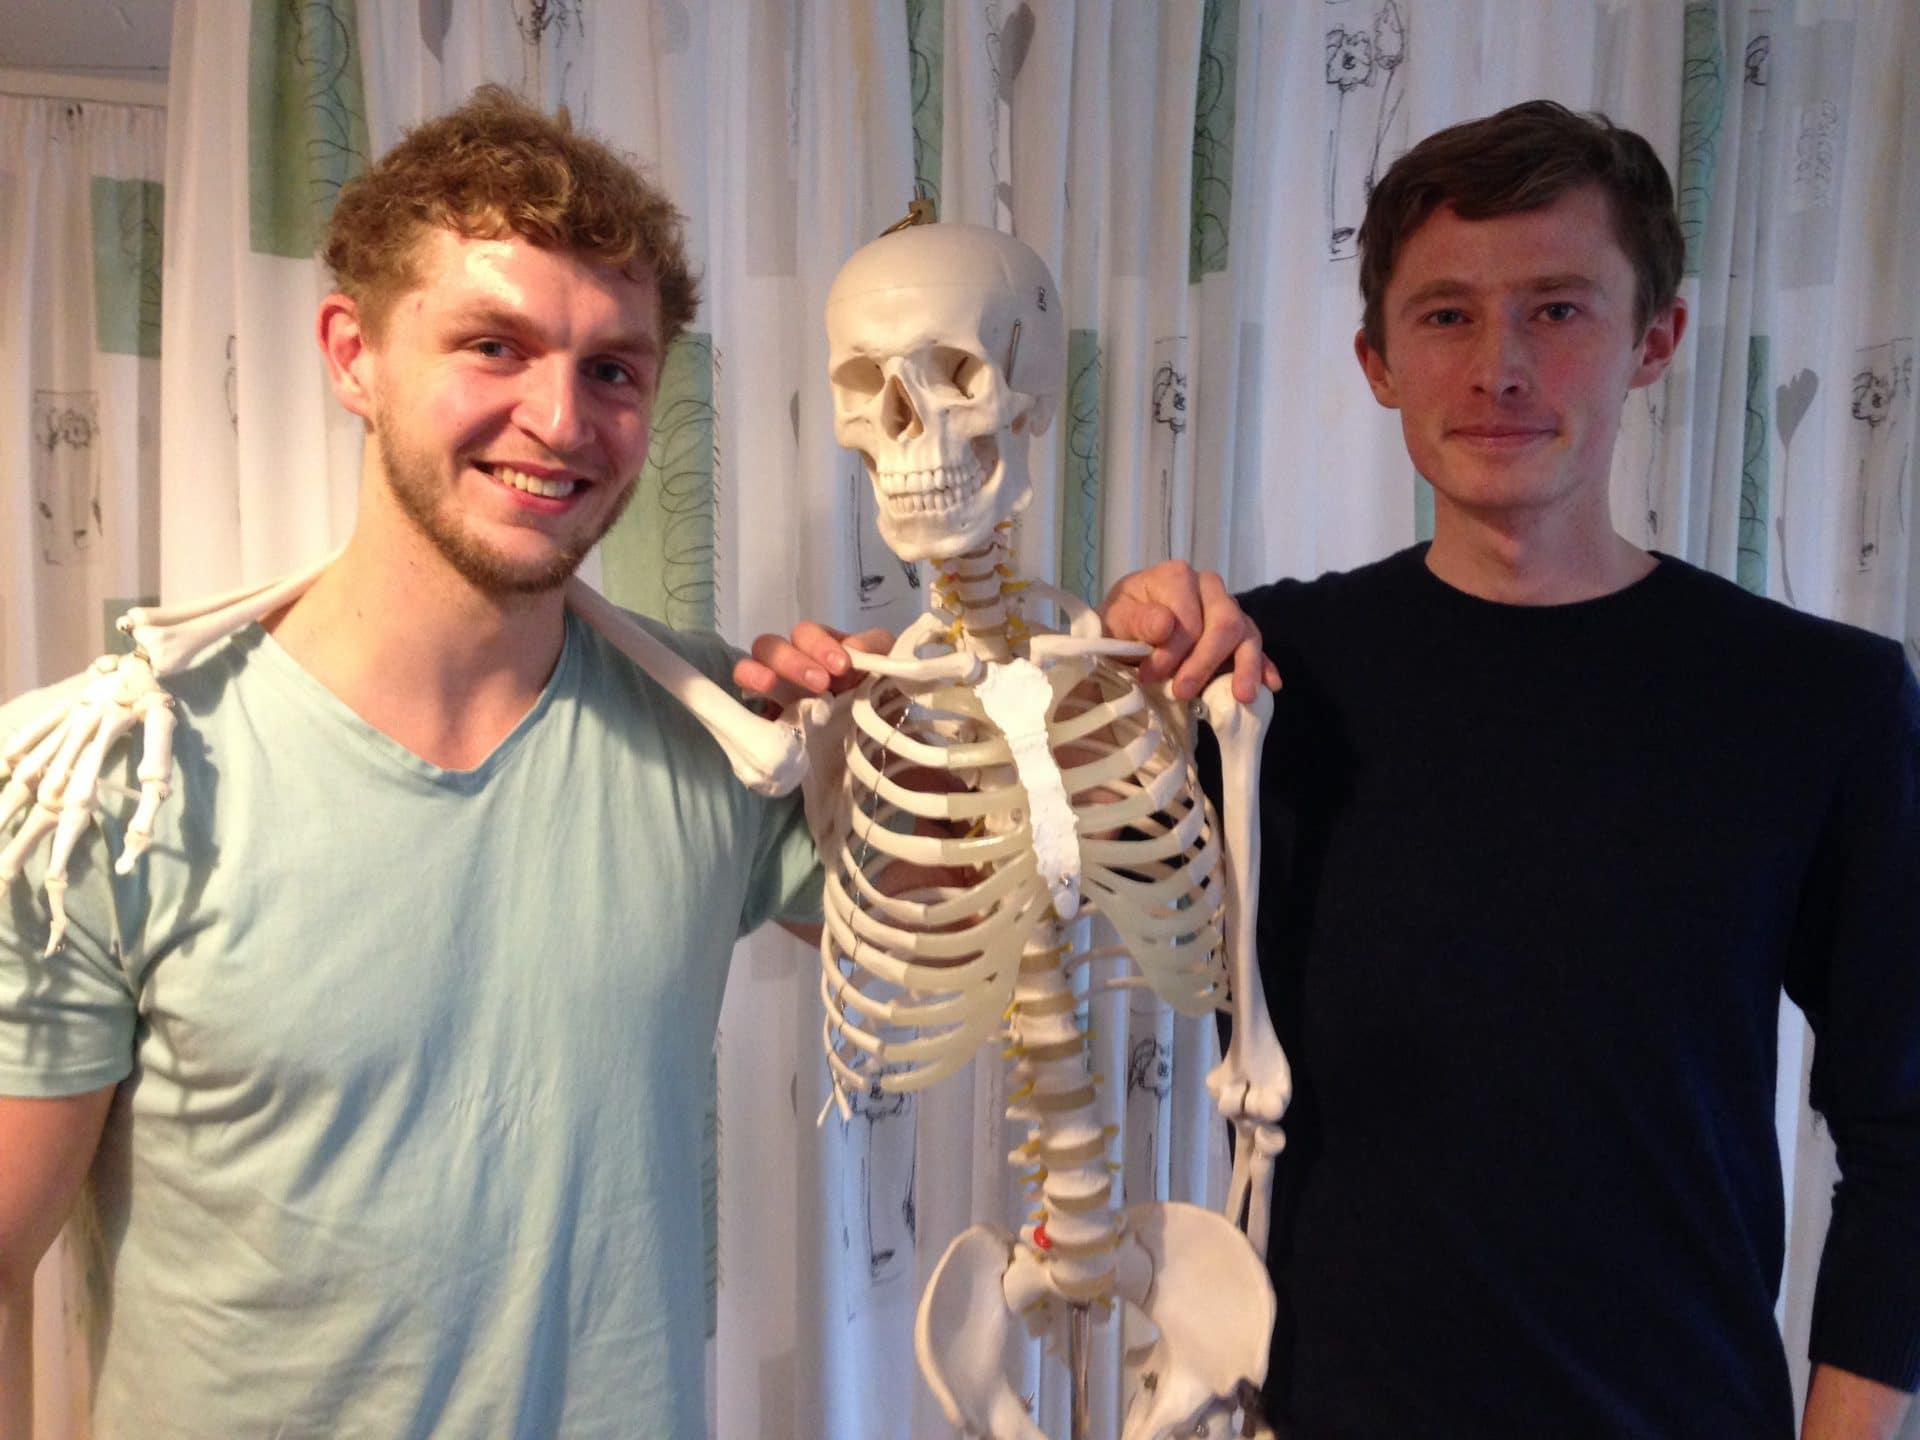 østerport fysioterapi ung fyr søger mand